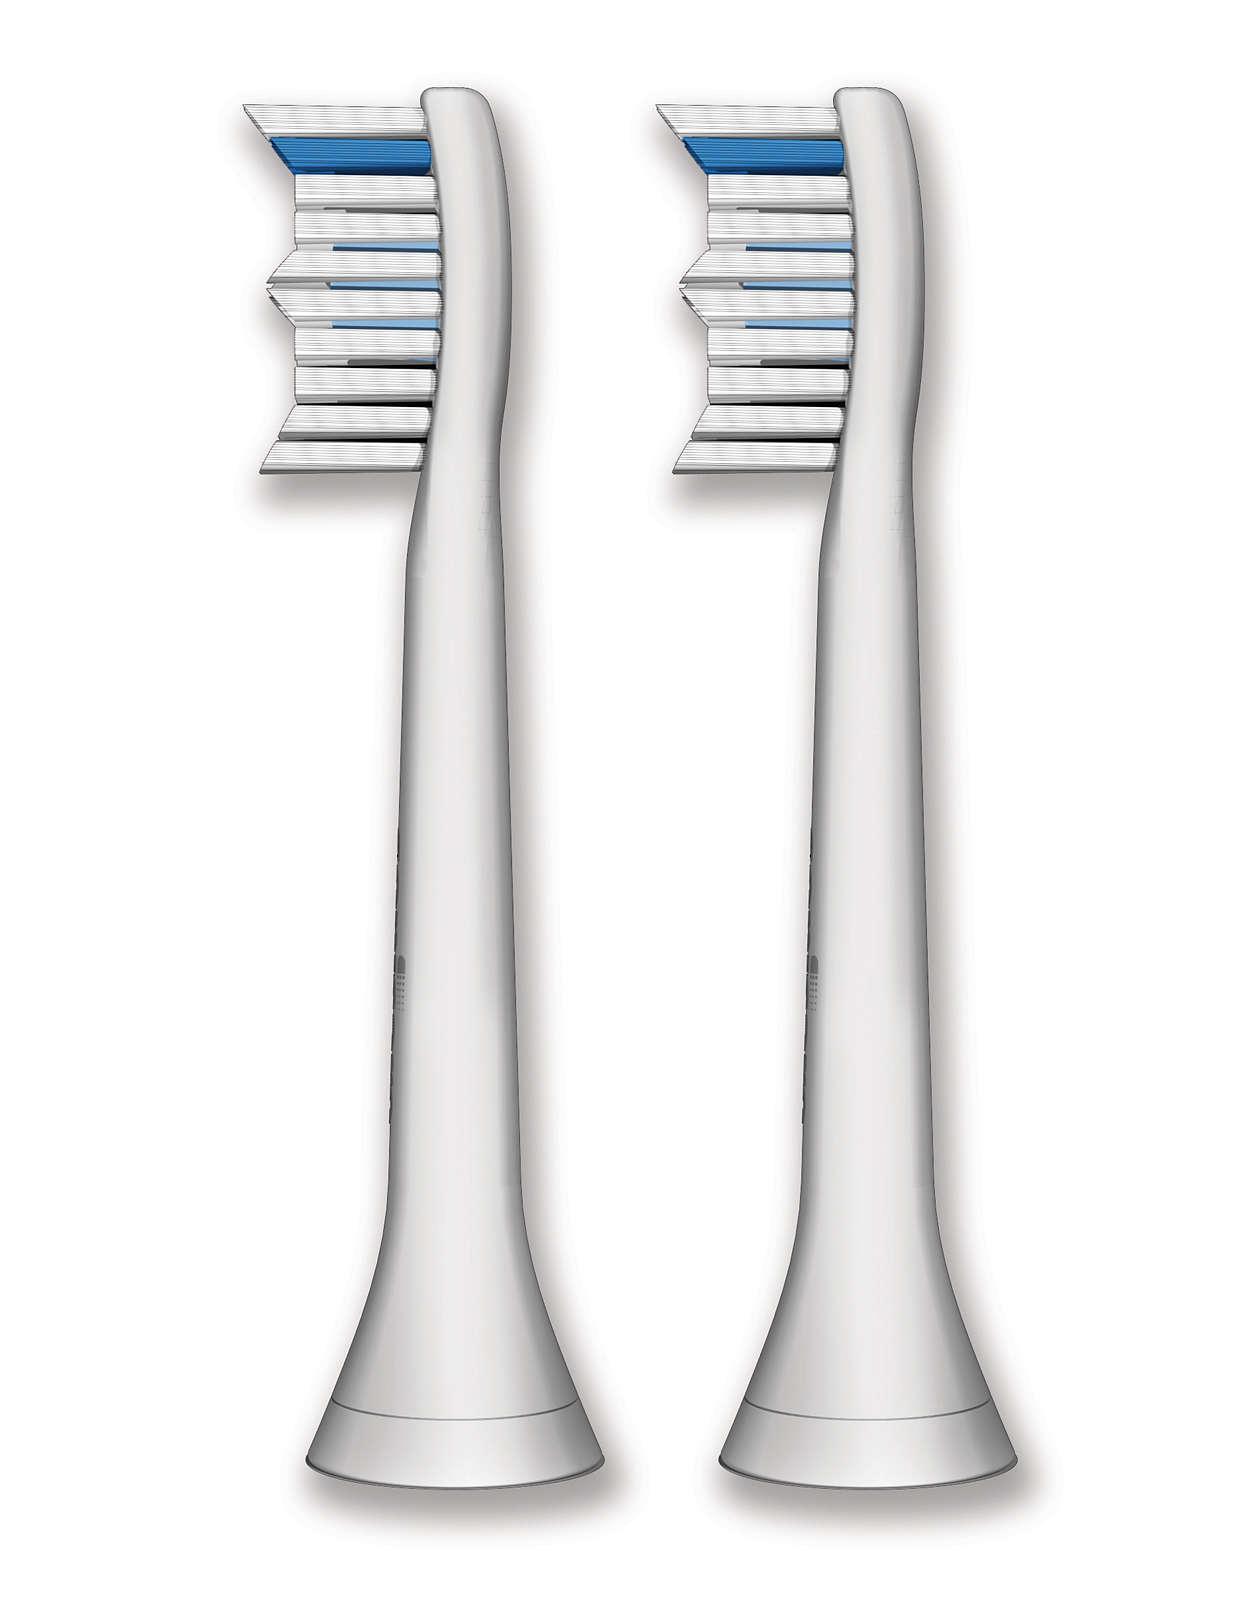 Rengöring mellan tänderna